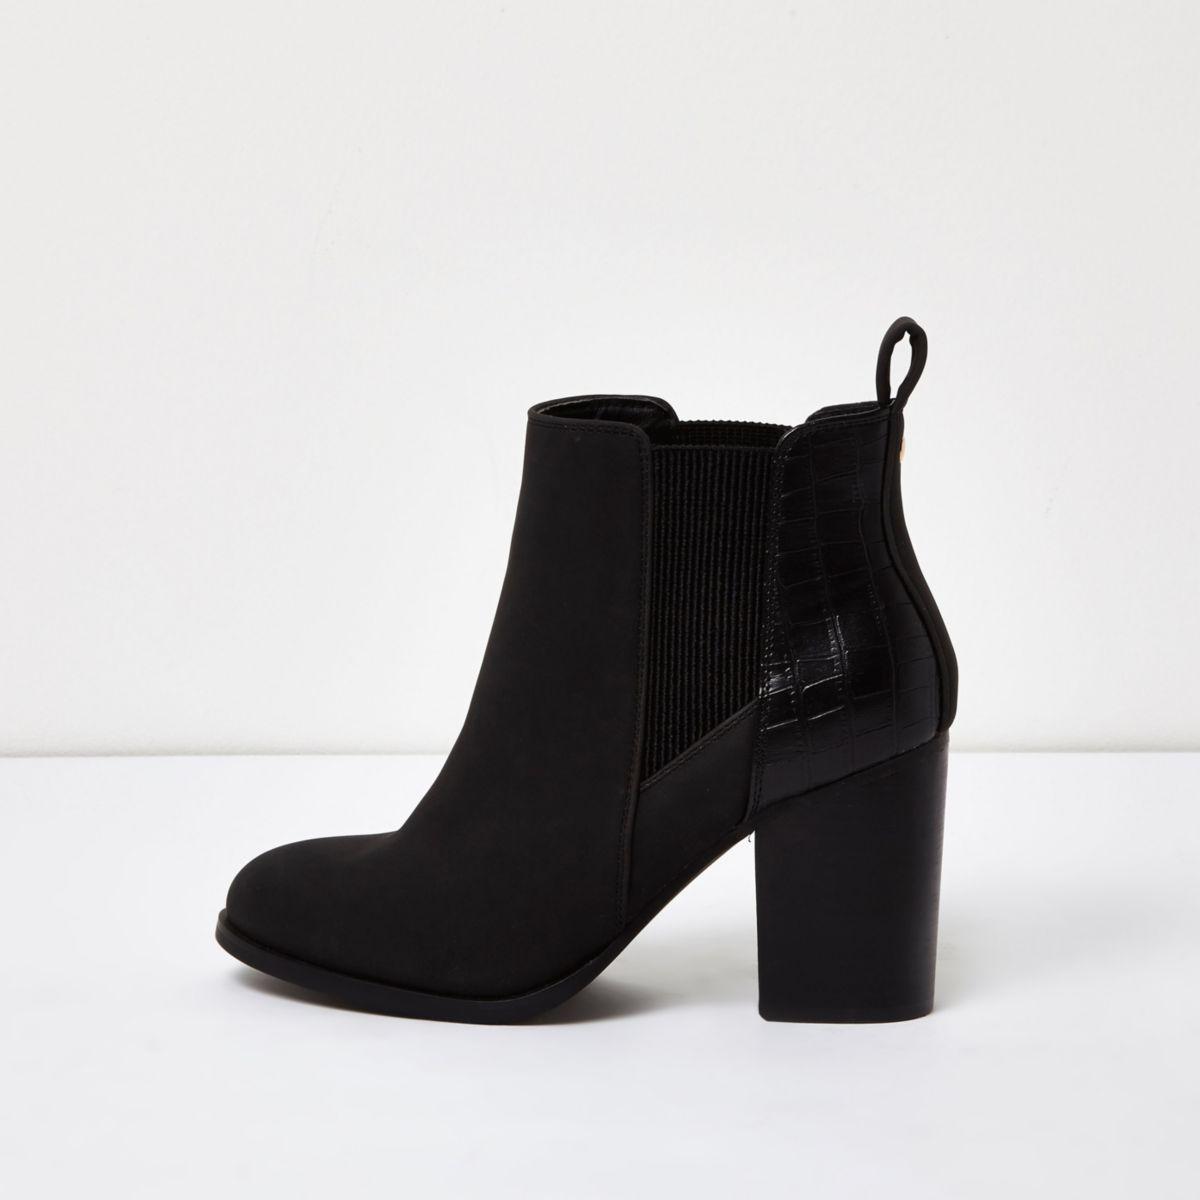 Zwarte chelsea boots met lakleren paneel en hak